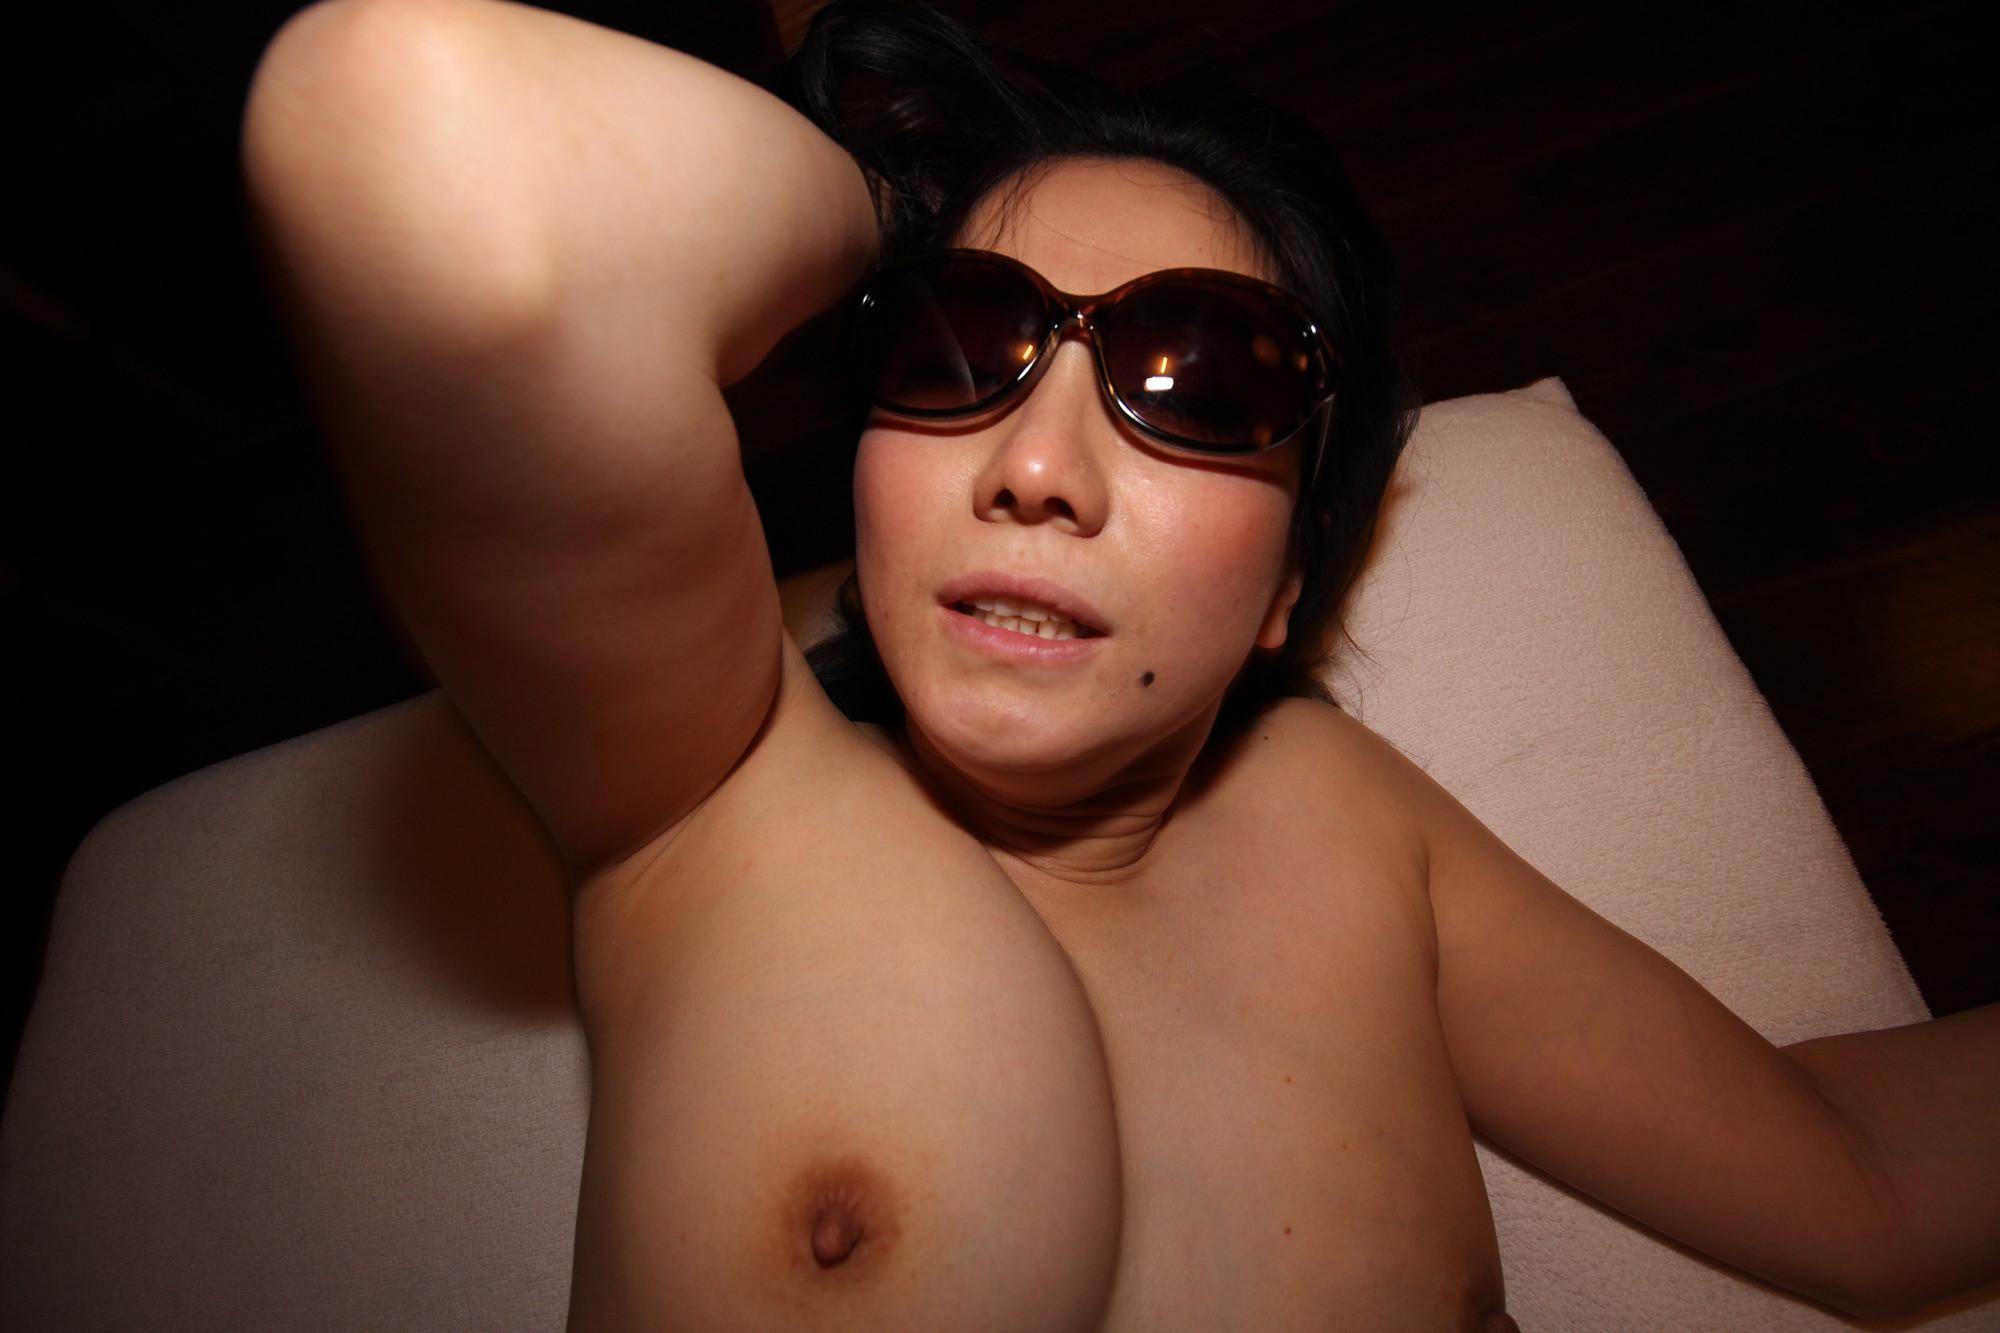 完熟発情おばさん~顔出し絶対NG?!福島の隠れ豊乳未亡人を限界アクメさせて素顔に迫る~ 画像14